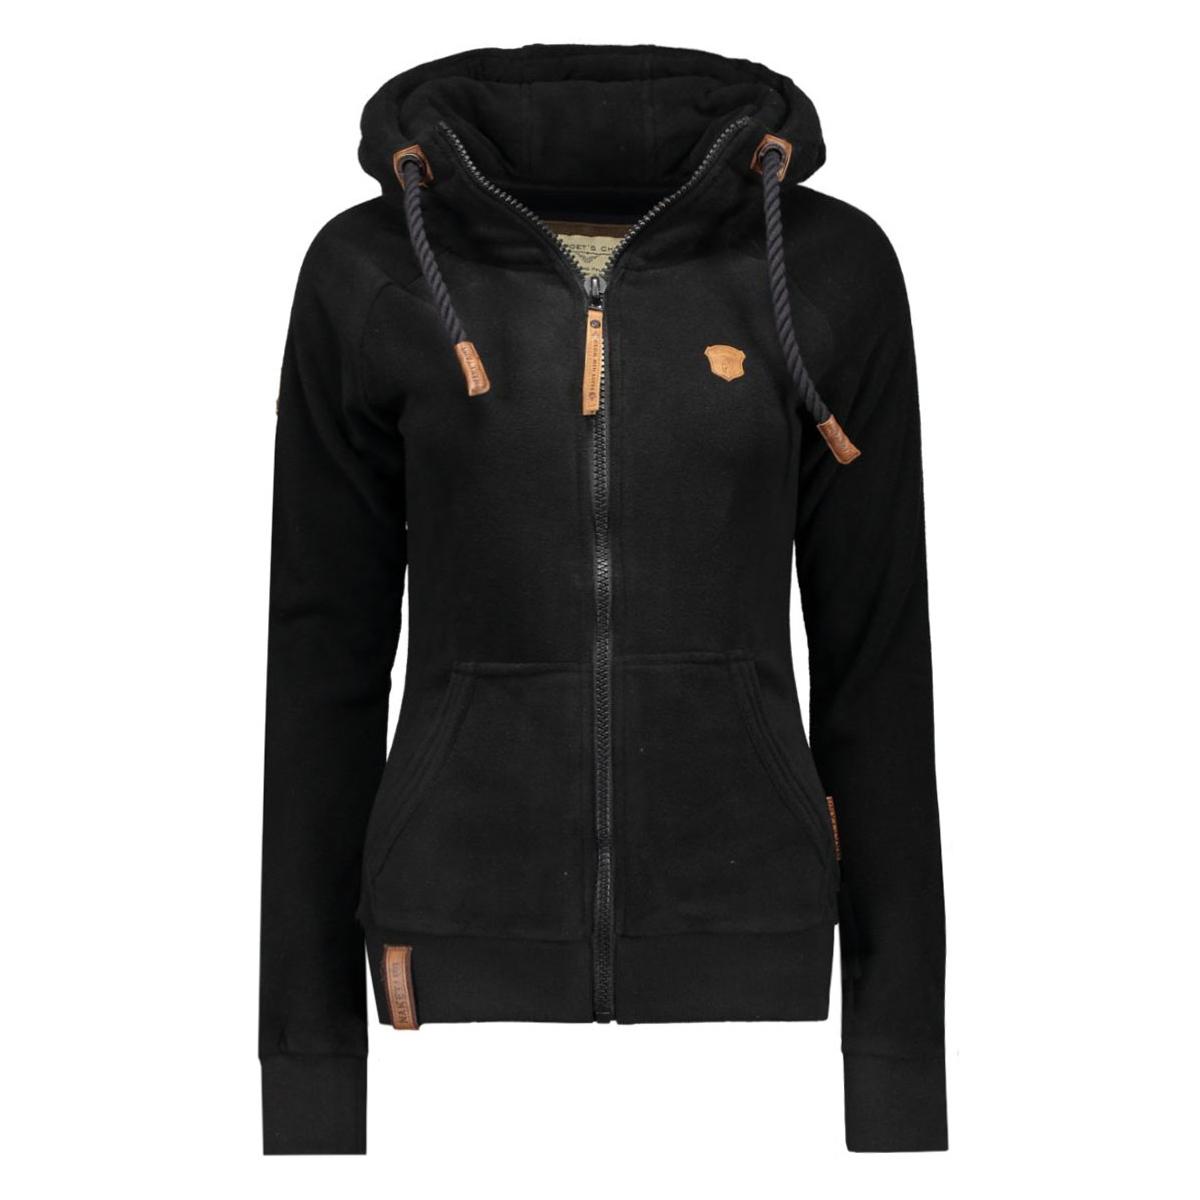 1631-1004-002 naketano vest black